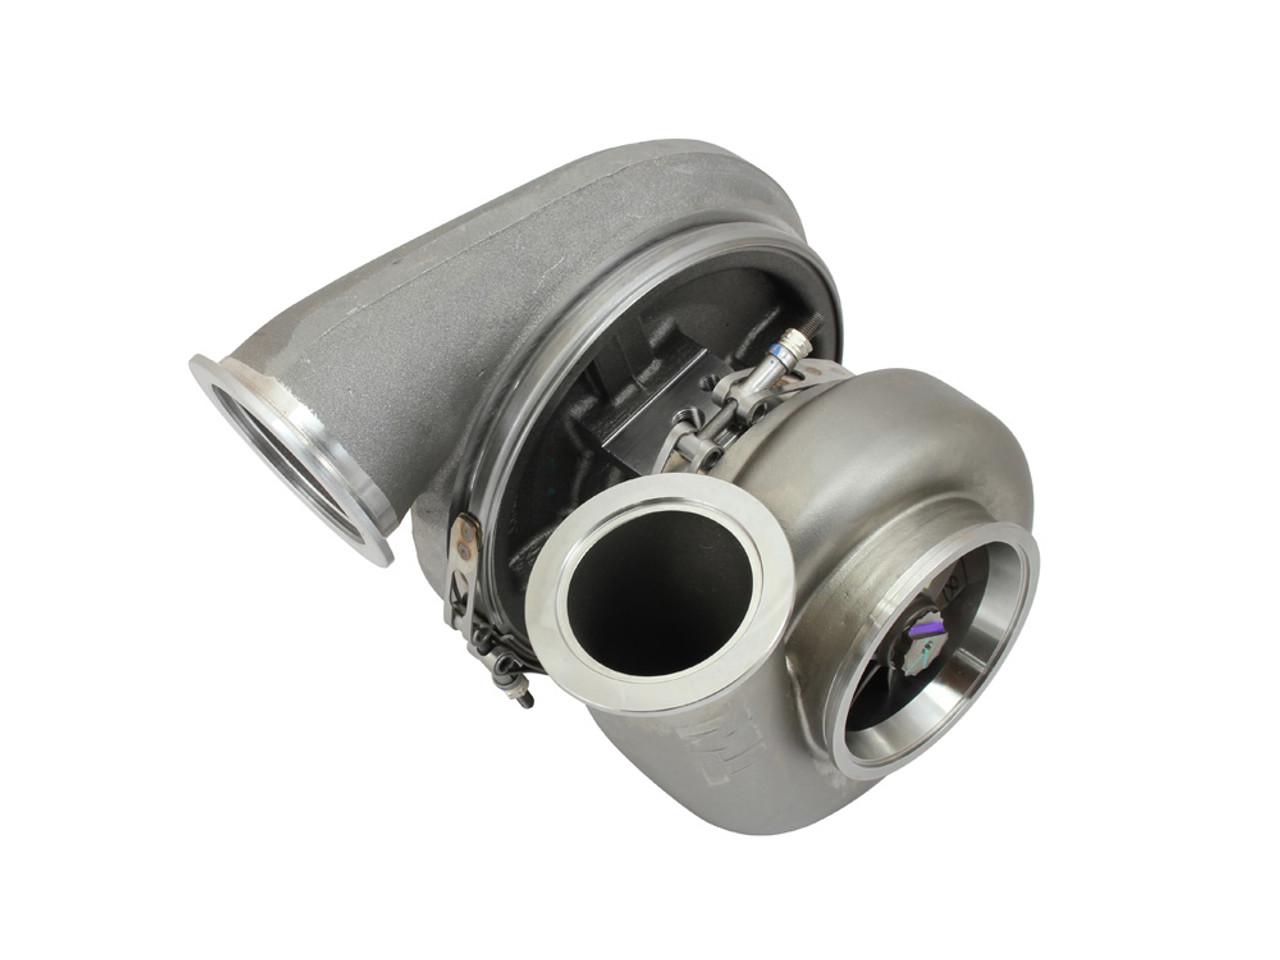 AGP Turbo Z488 Billet